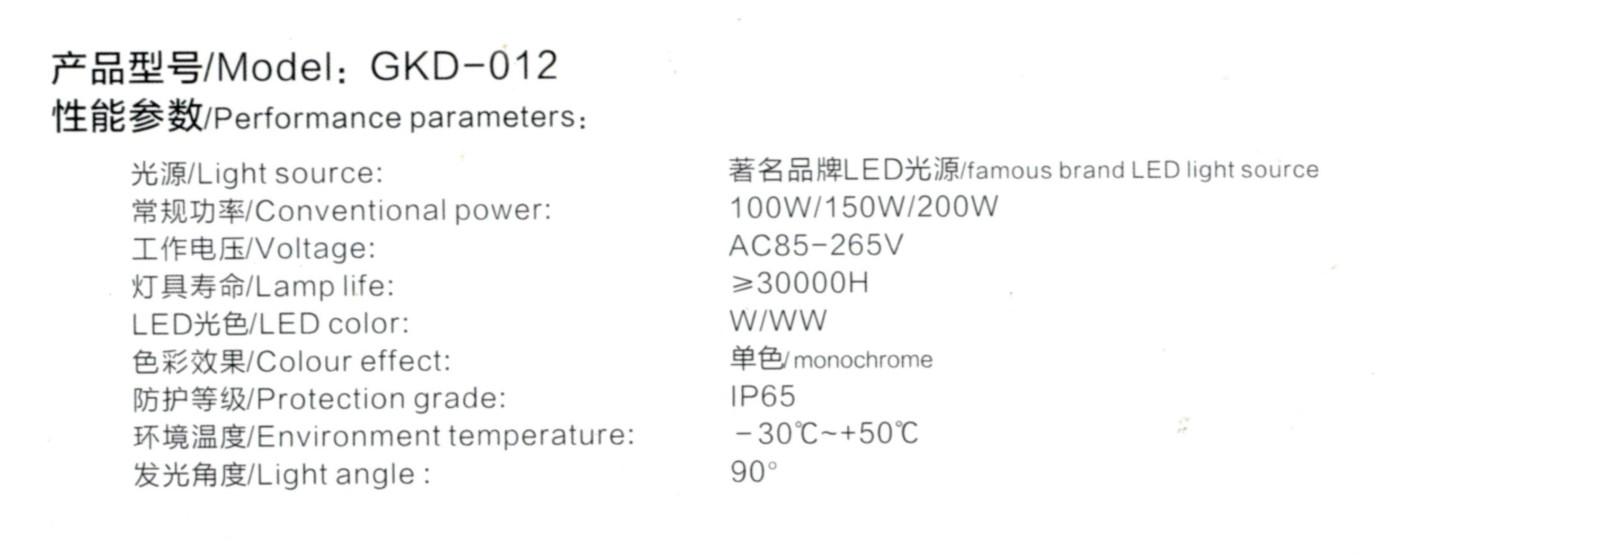 LED工矿灯Model∶GKD-012参数.jpg